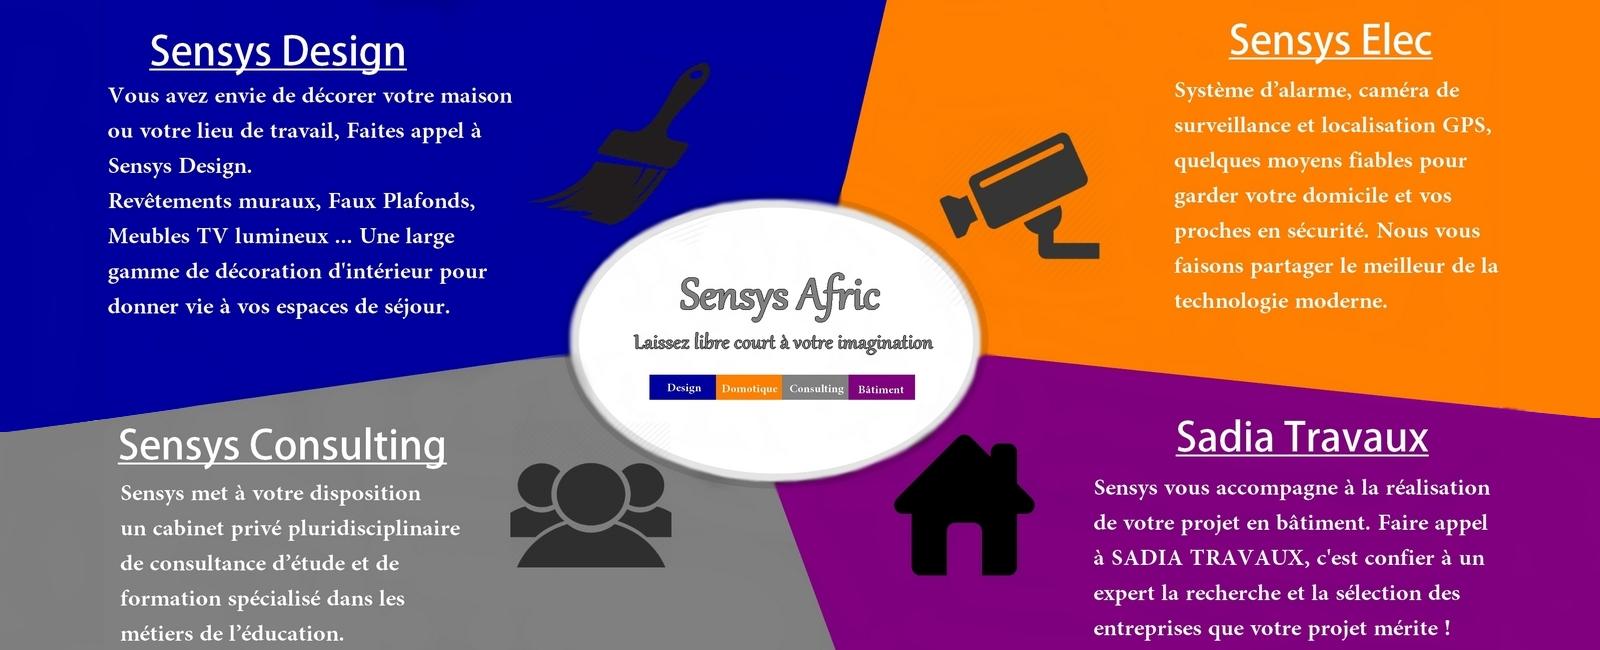 Sensys-Structure-1 Accueil  Sensys Afric - Laissez libre court à votre imagination